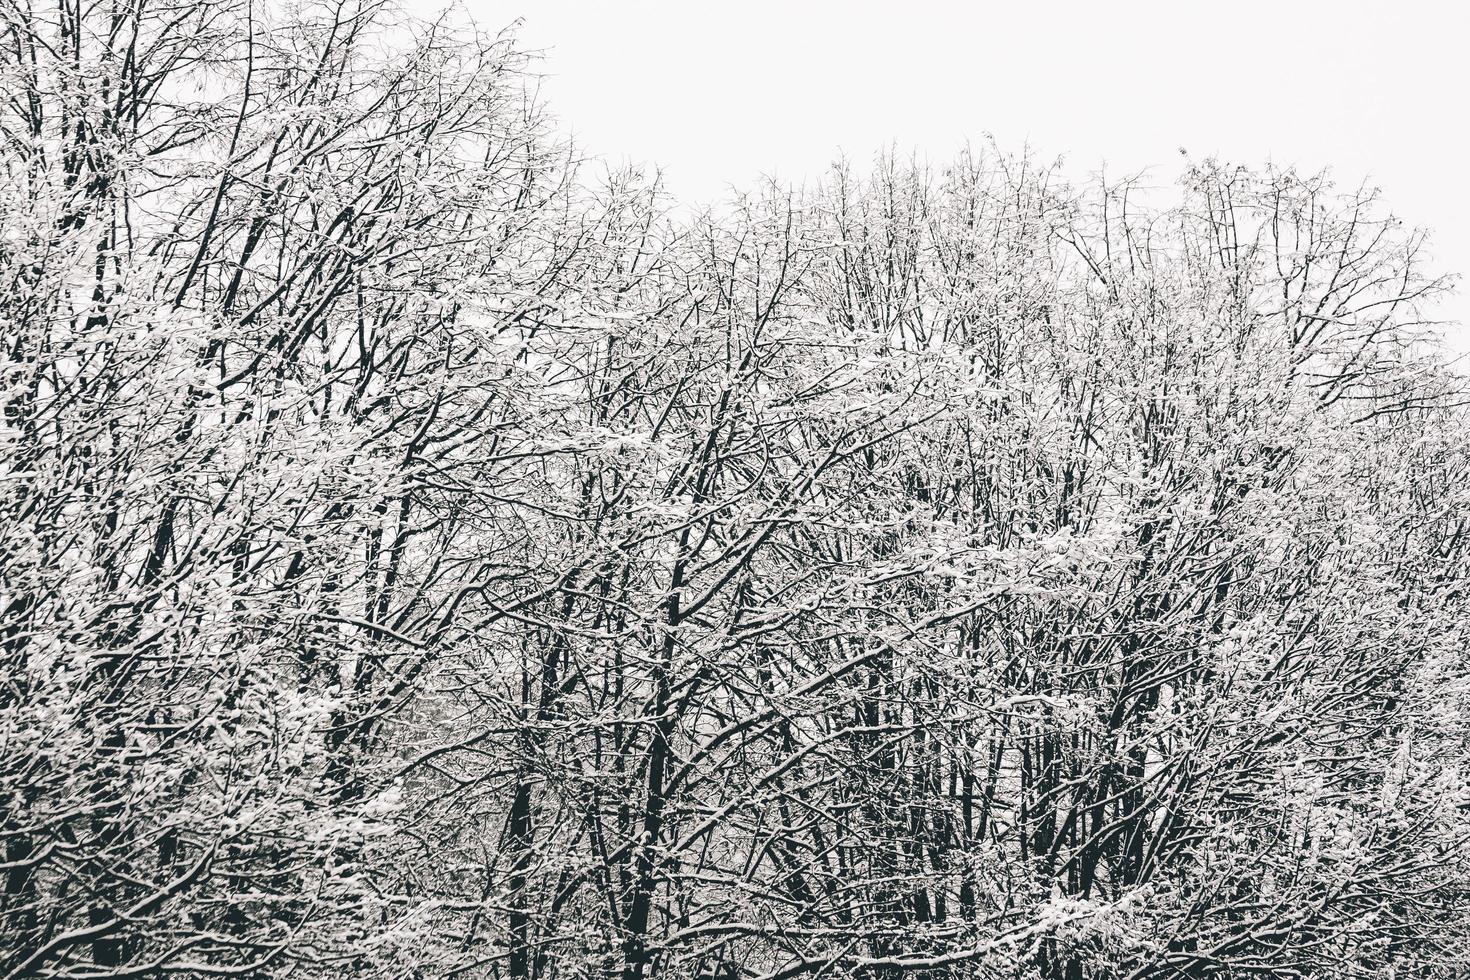 kale bomen bedekt met sneeuw foto